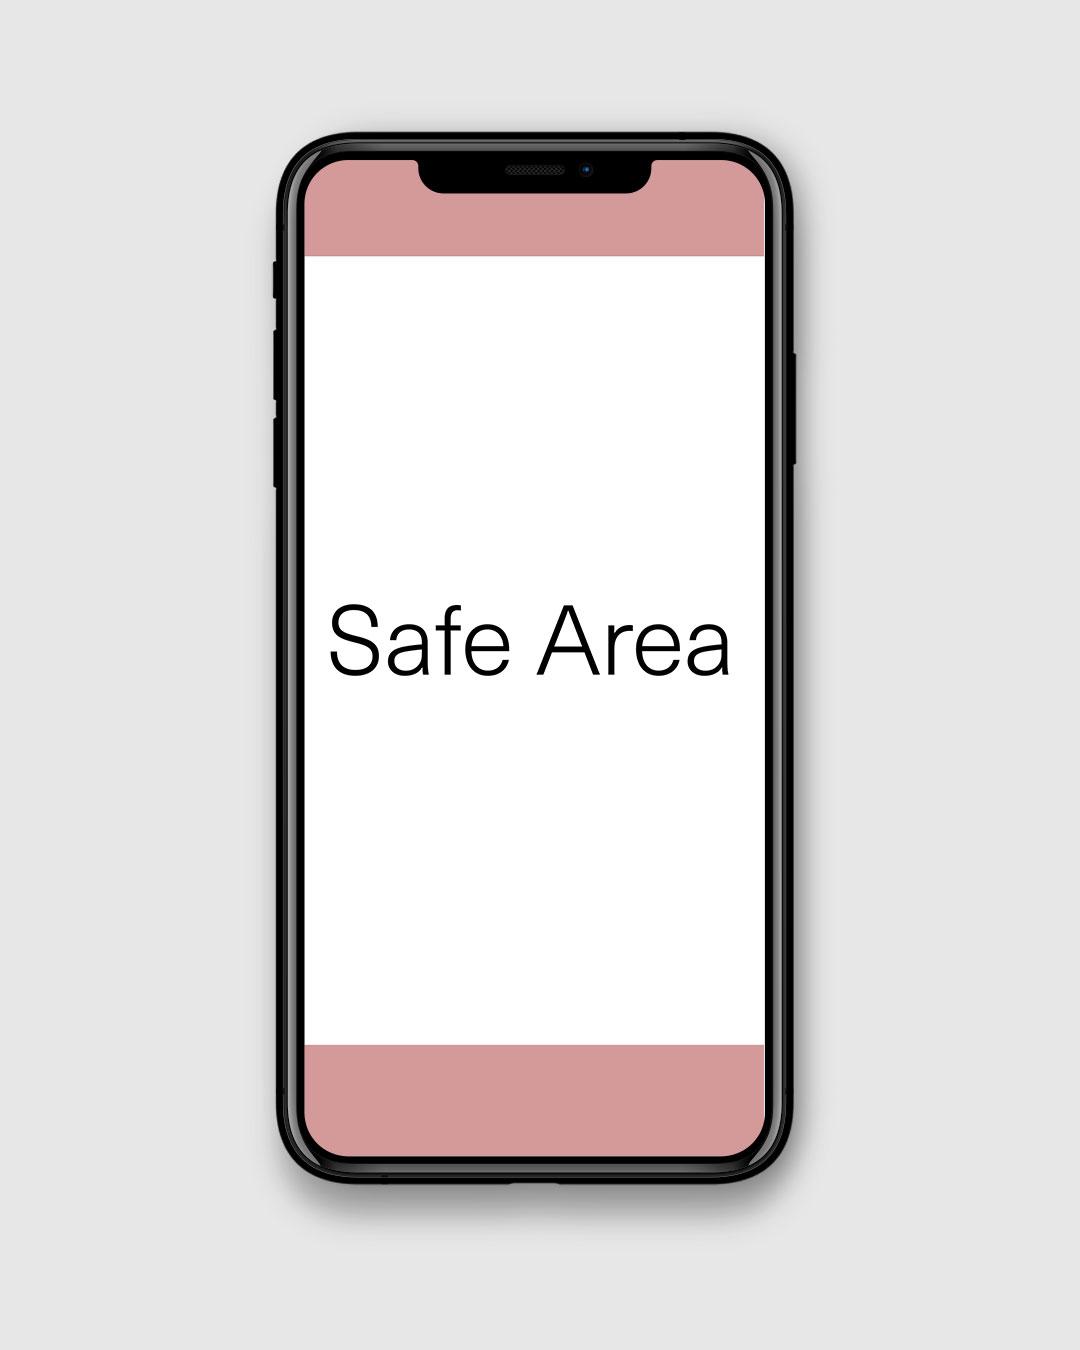 iPhone X Safe Area vertikal